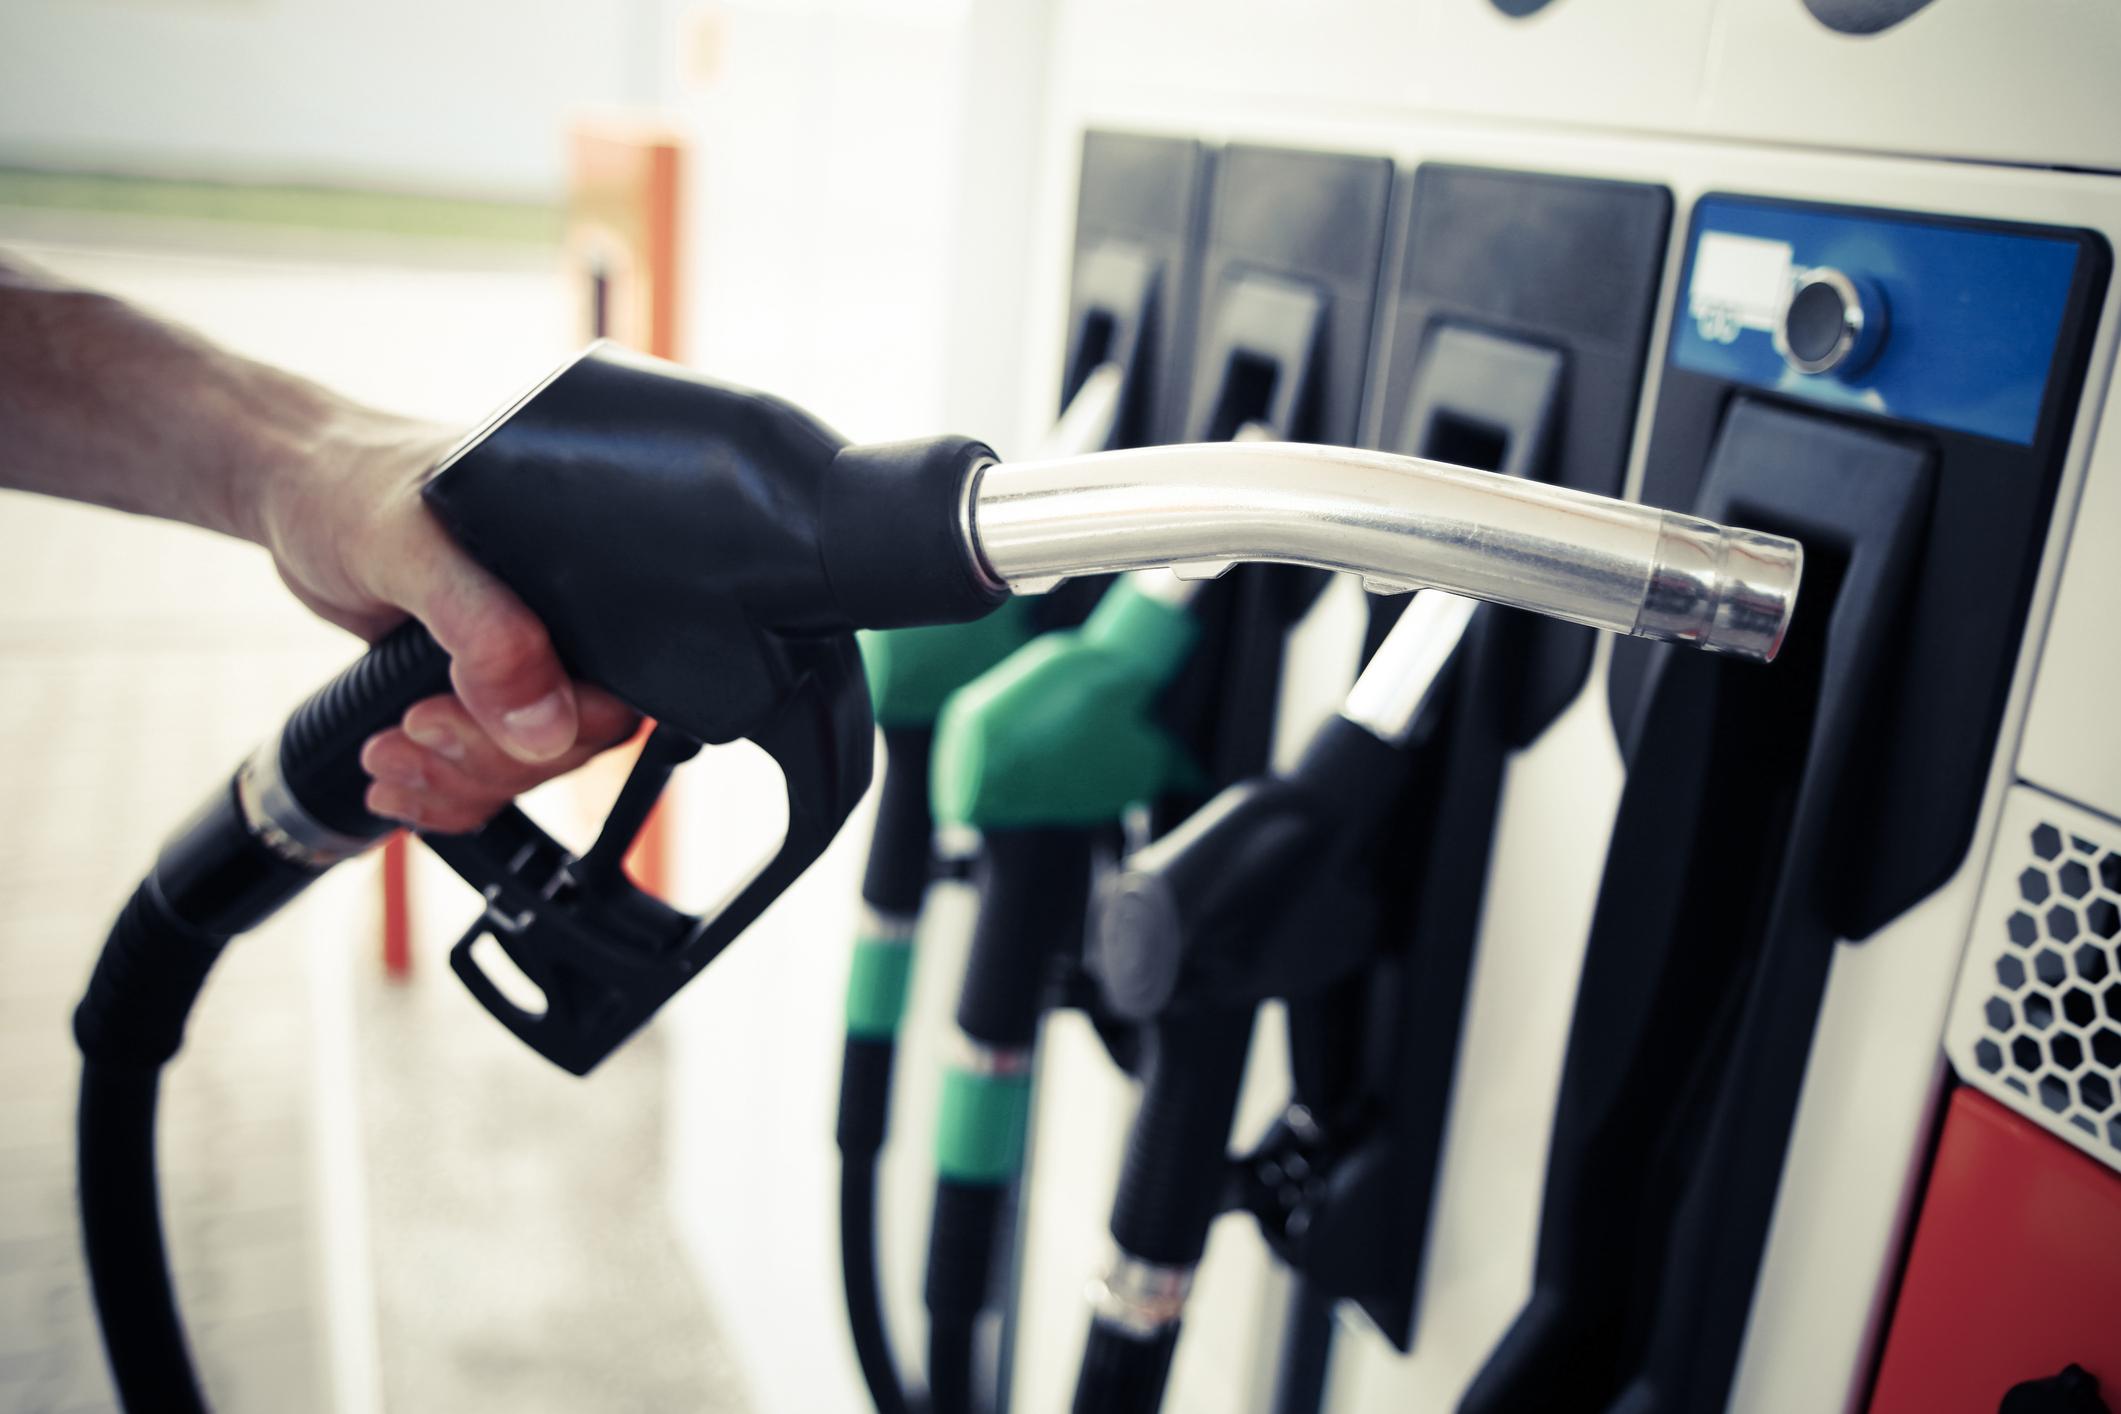 Έβαλες λάθος καύσιμο στο αυτοκίνητό σου; Δες τι πρέπει να κάνεις!